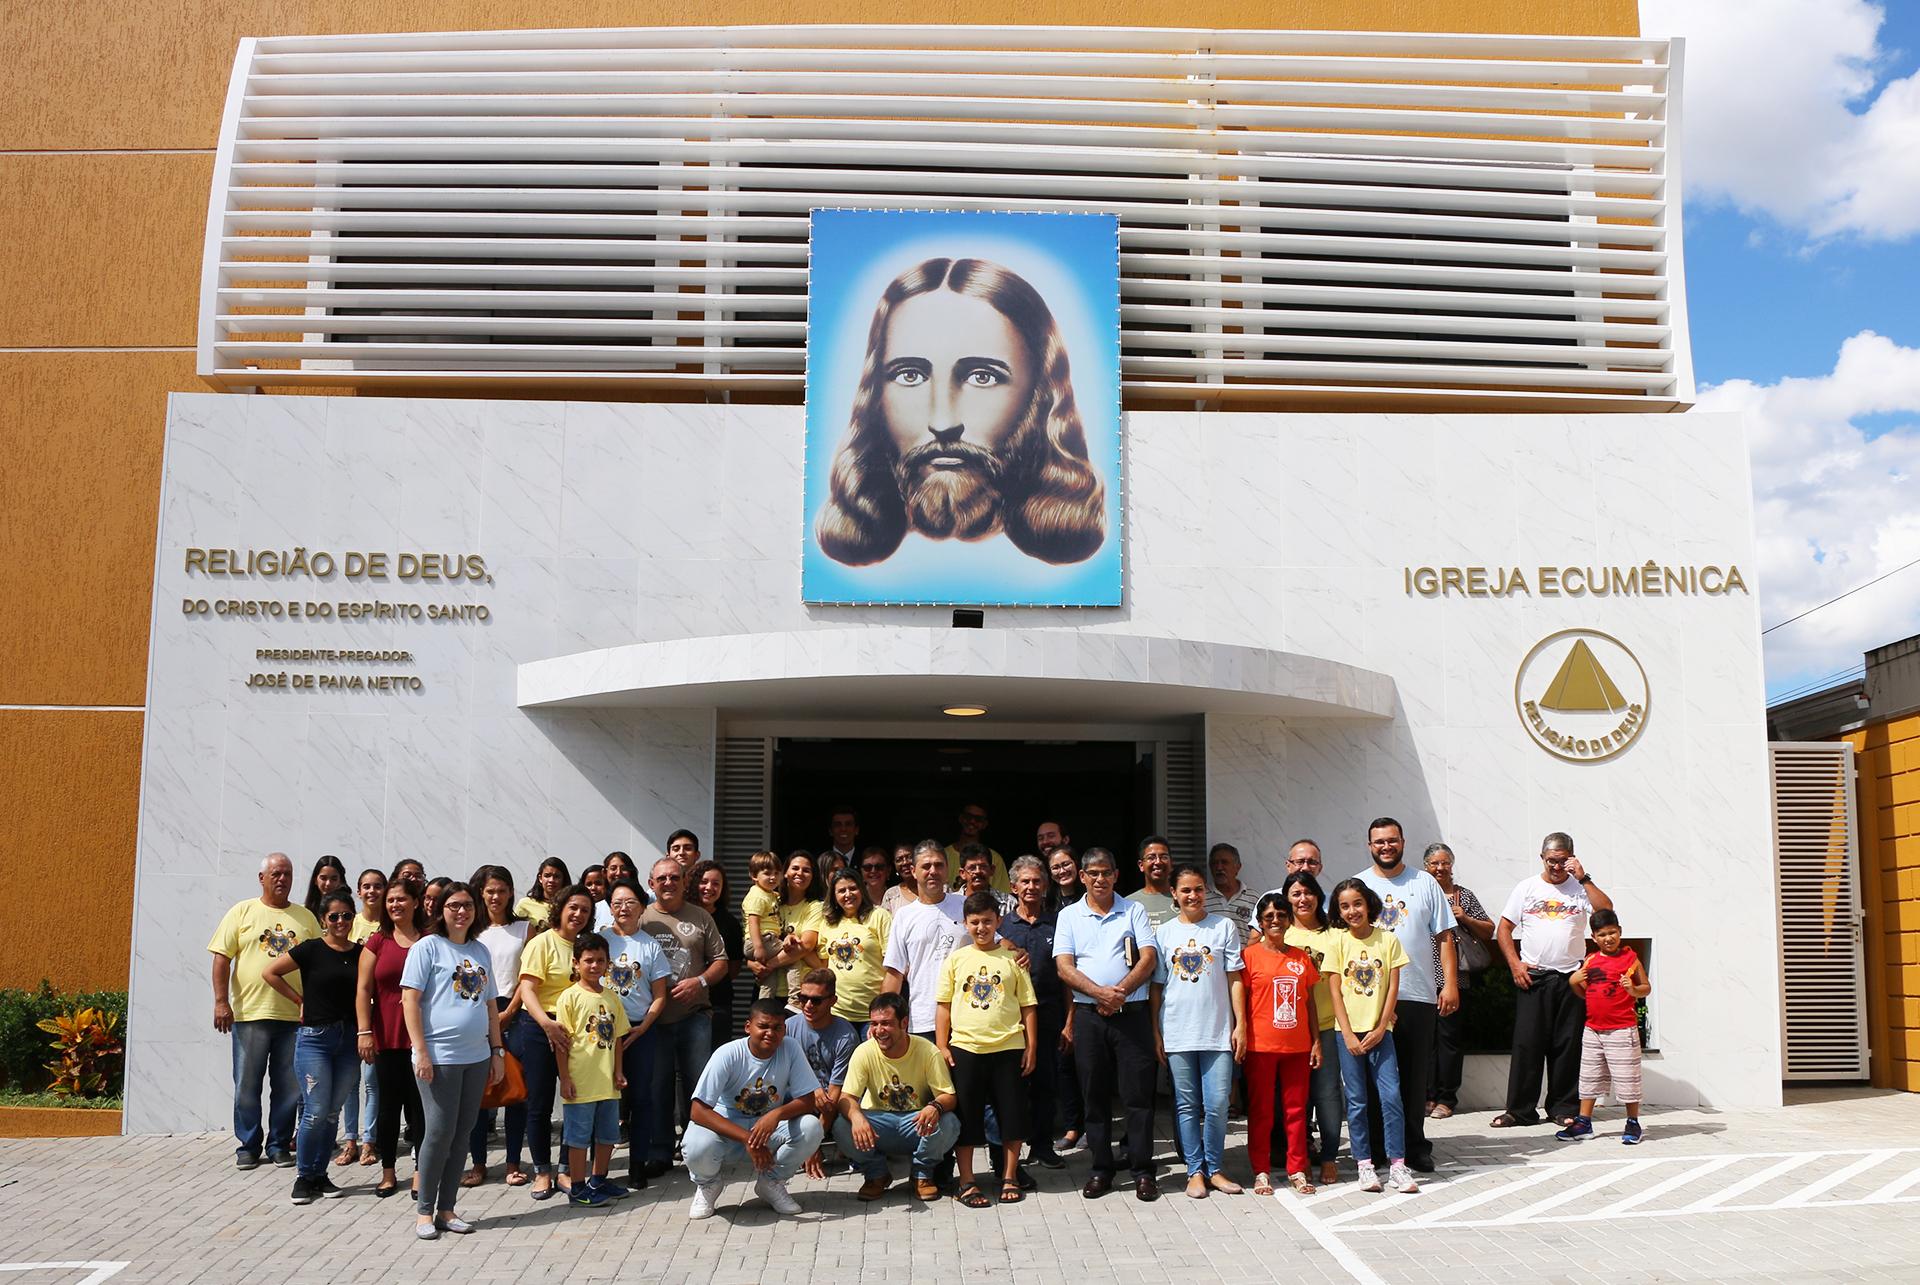 São José dos Campos, SP — Cristãos doNovo Mandamento de Jesus se reúnem em frente às novas instalações da Igreja Ecumênica da Religião Divina.